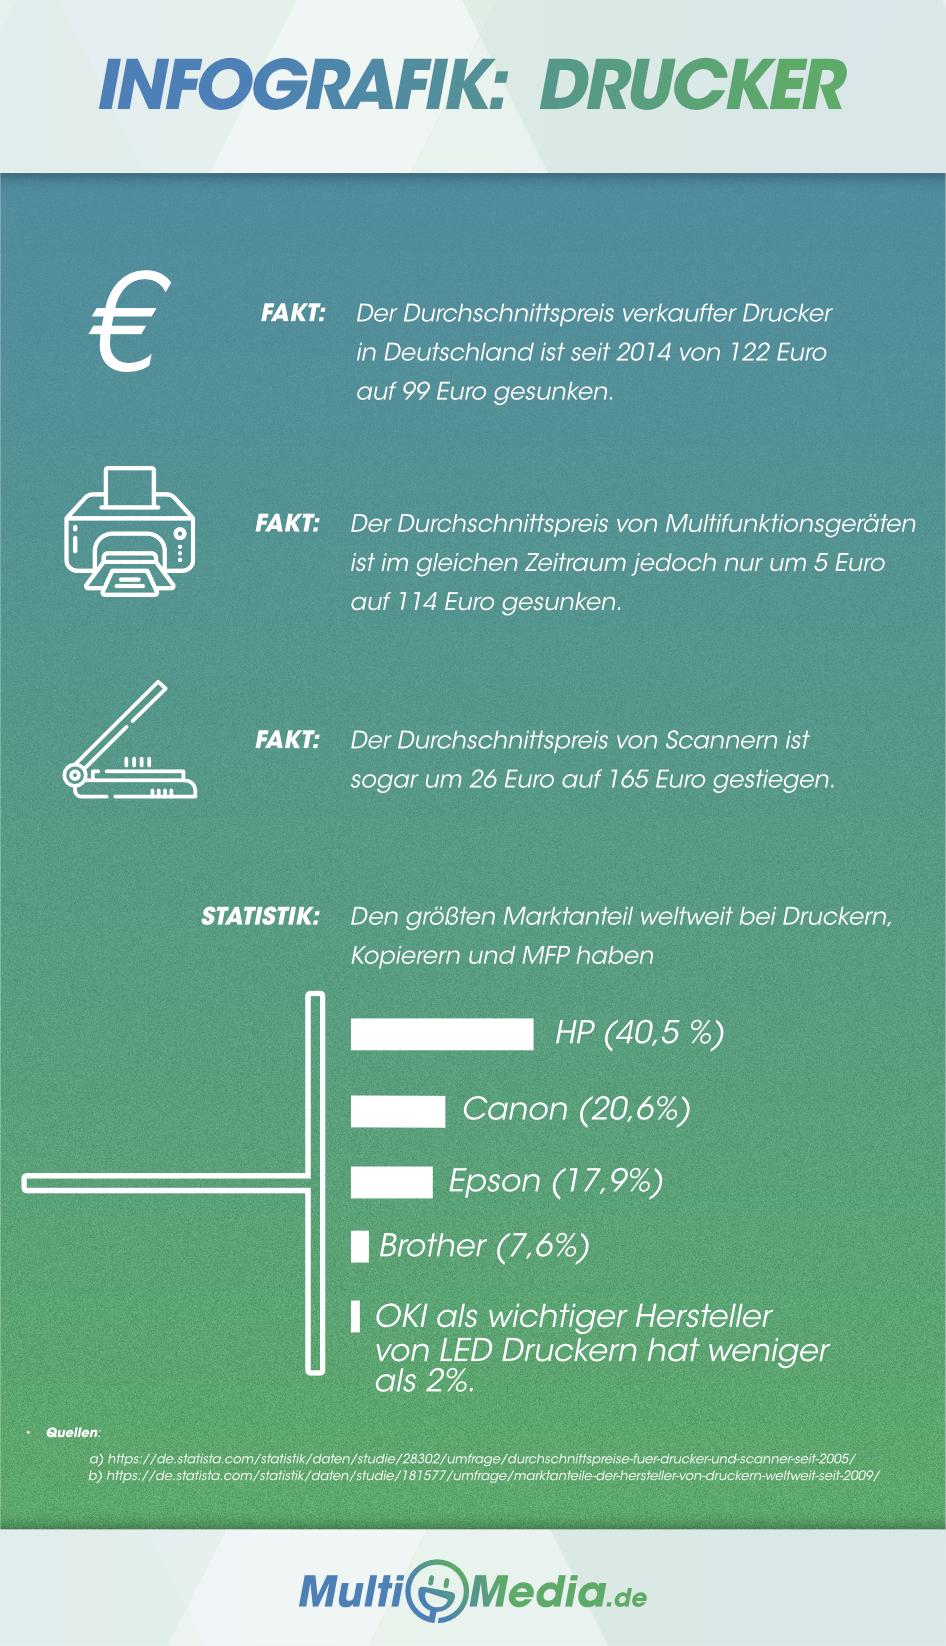 Drucker Infografik